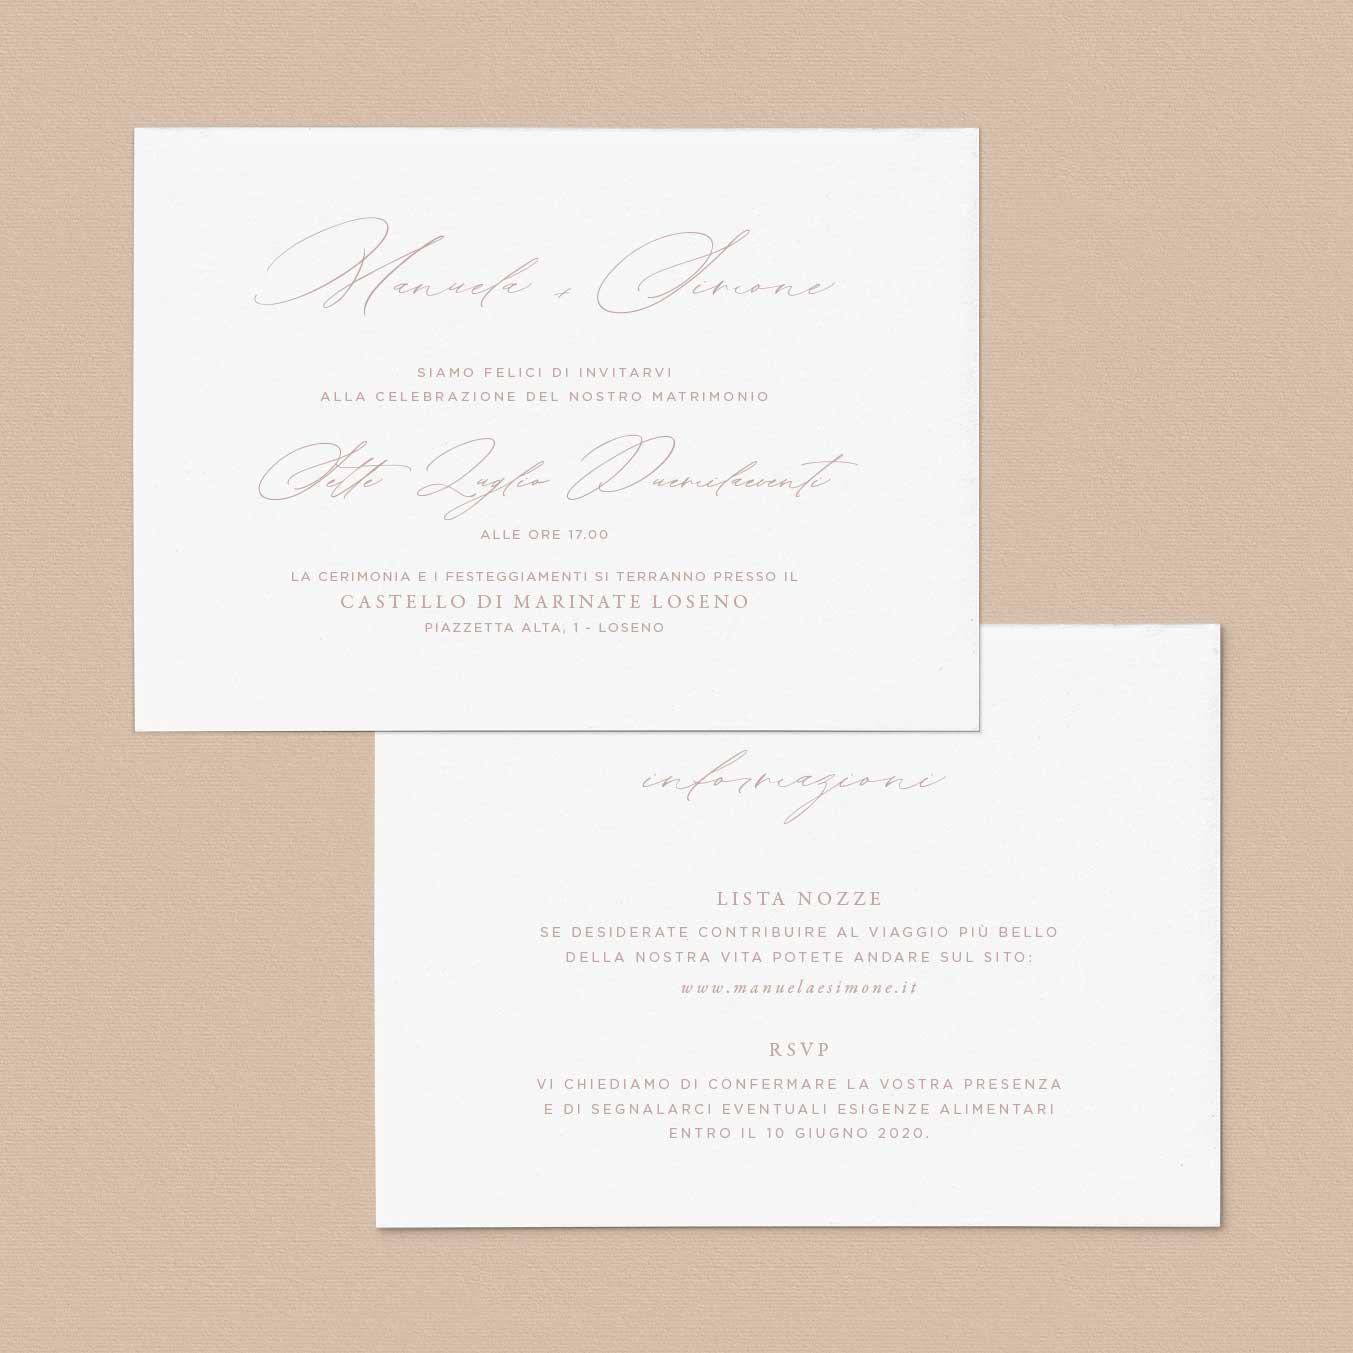 Partecipazioni-inviti-orizzontale-elegante-calligrafico-corsivo-scritti-a-mano-semplice-boho-moderno-online